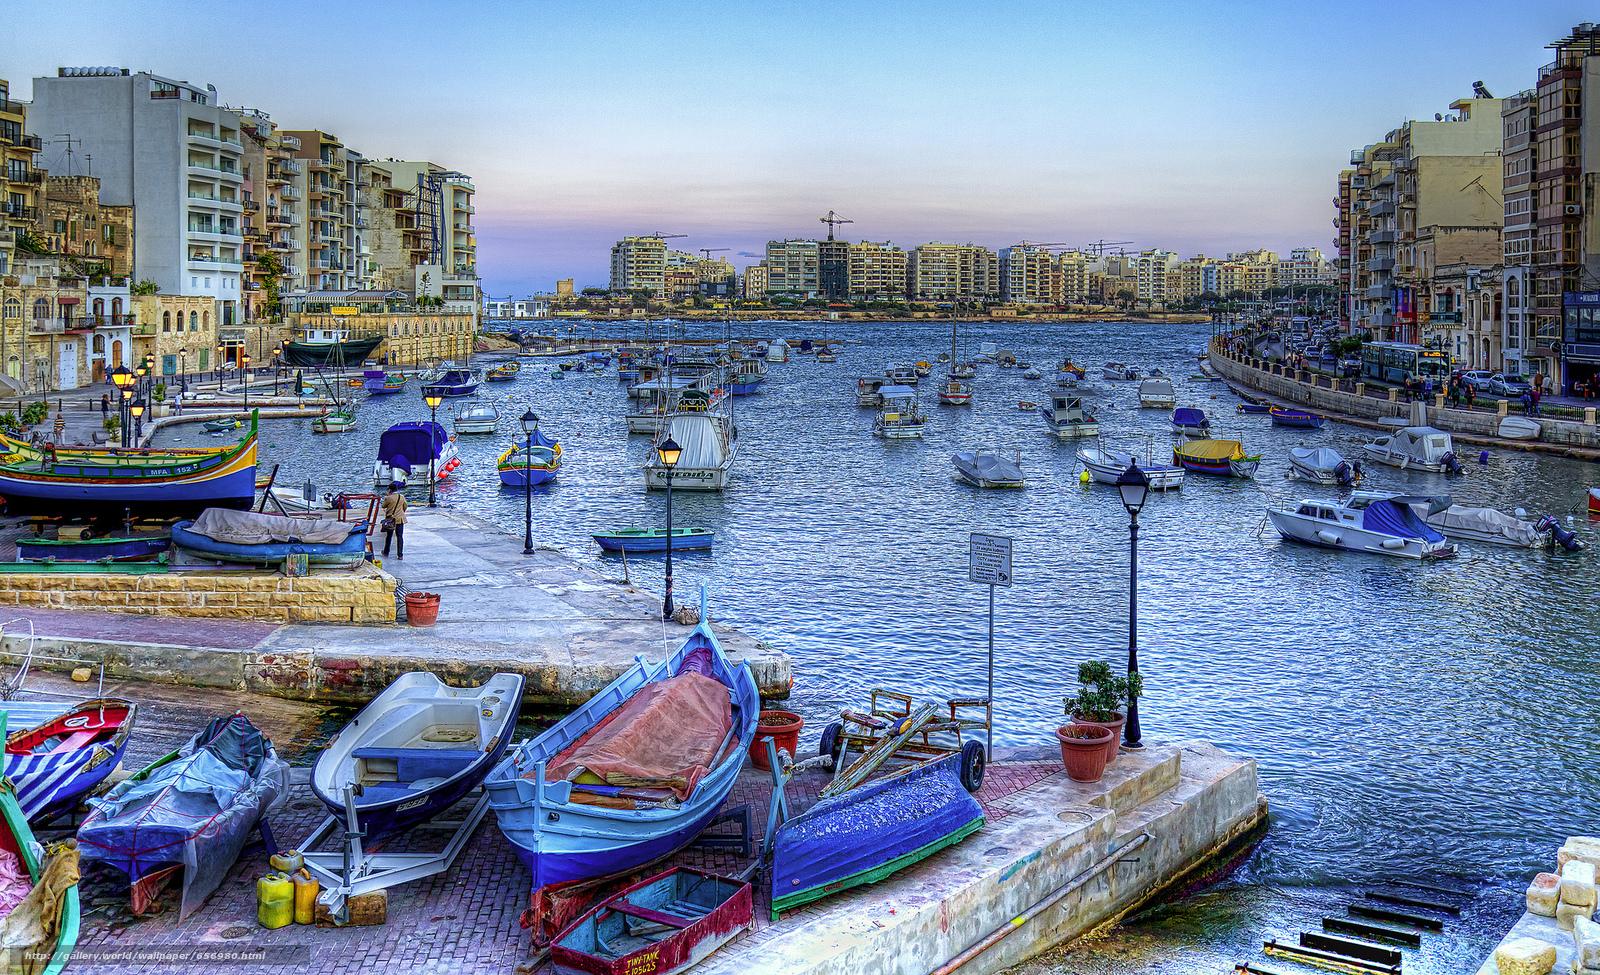 Скачать обои Спинола,  Сент-джулианс,  Мальта бесплатно для рабочего стола в разрешении 2048x1248 — картинка №656980